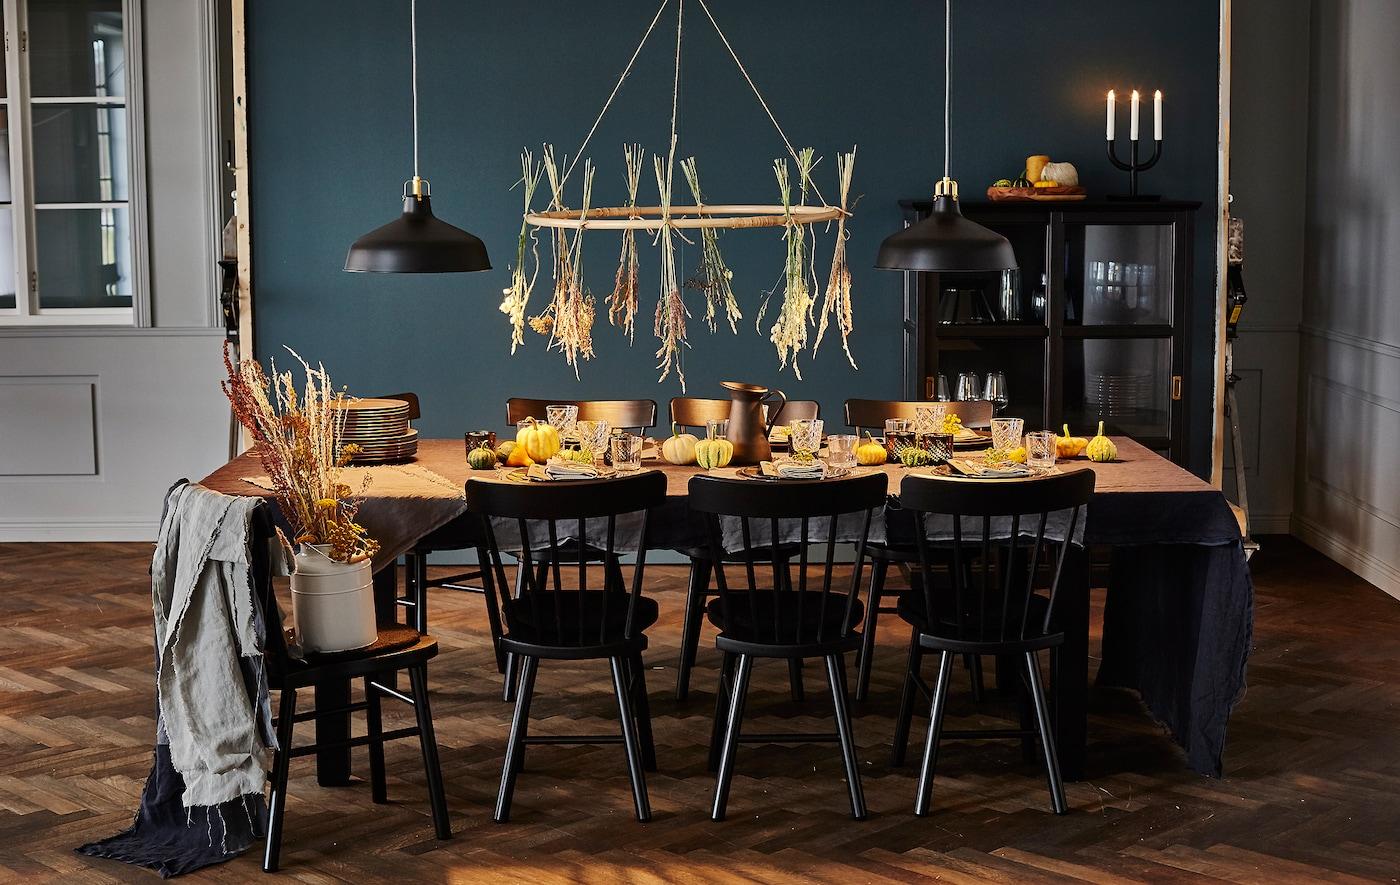 Femme en train de poser des assiettes sur une table décorée sur le thème des bienfaits de l'automne.